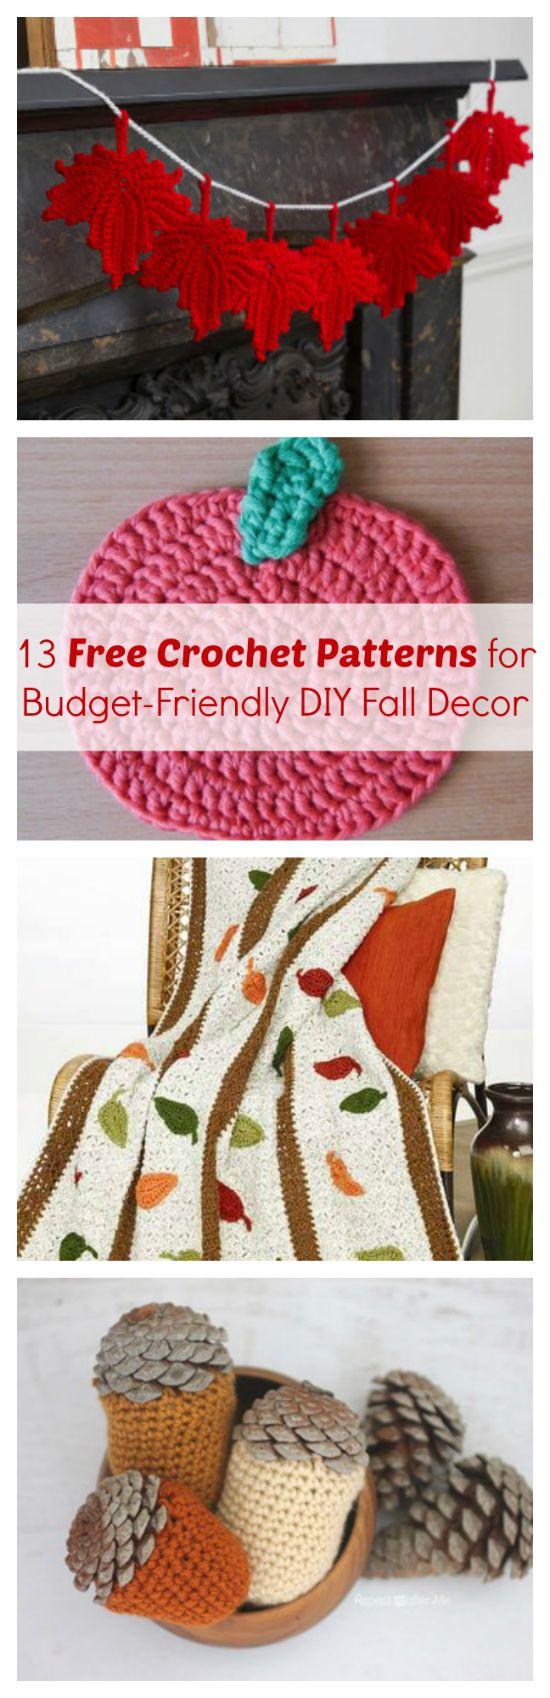 Fall-DIY-Crochet